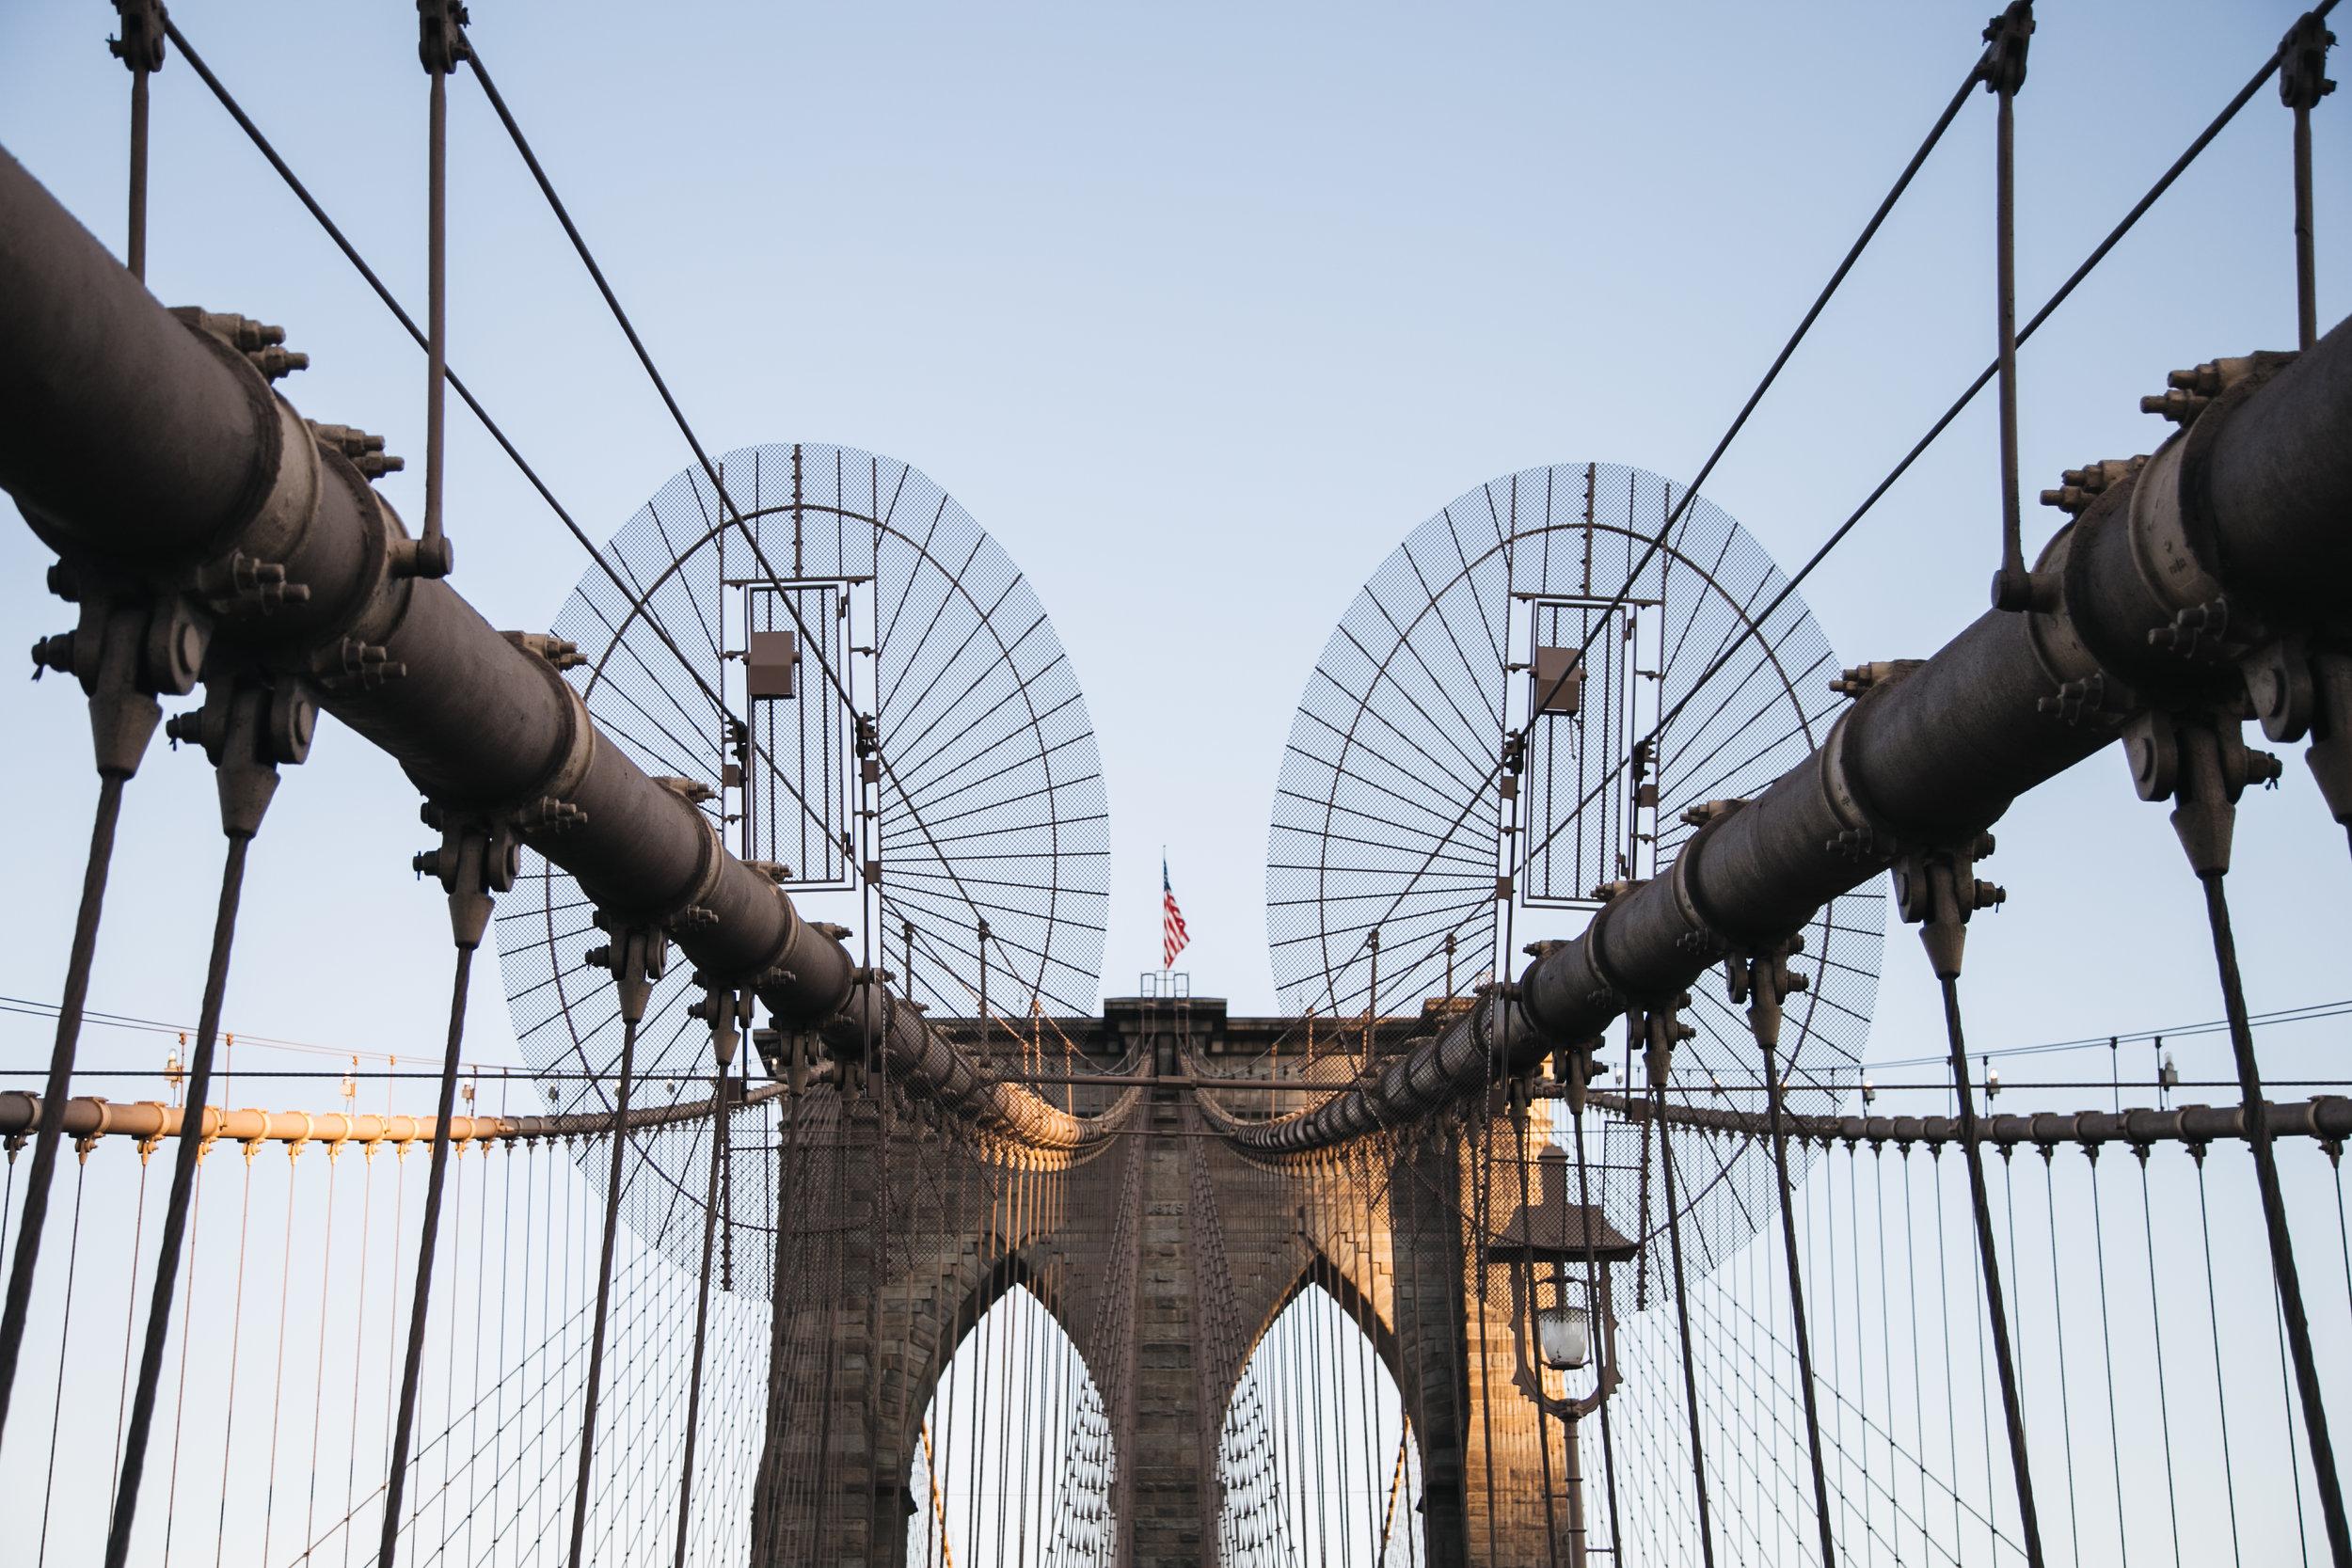 Brooklyn Brige-onmyway-blog.jpg